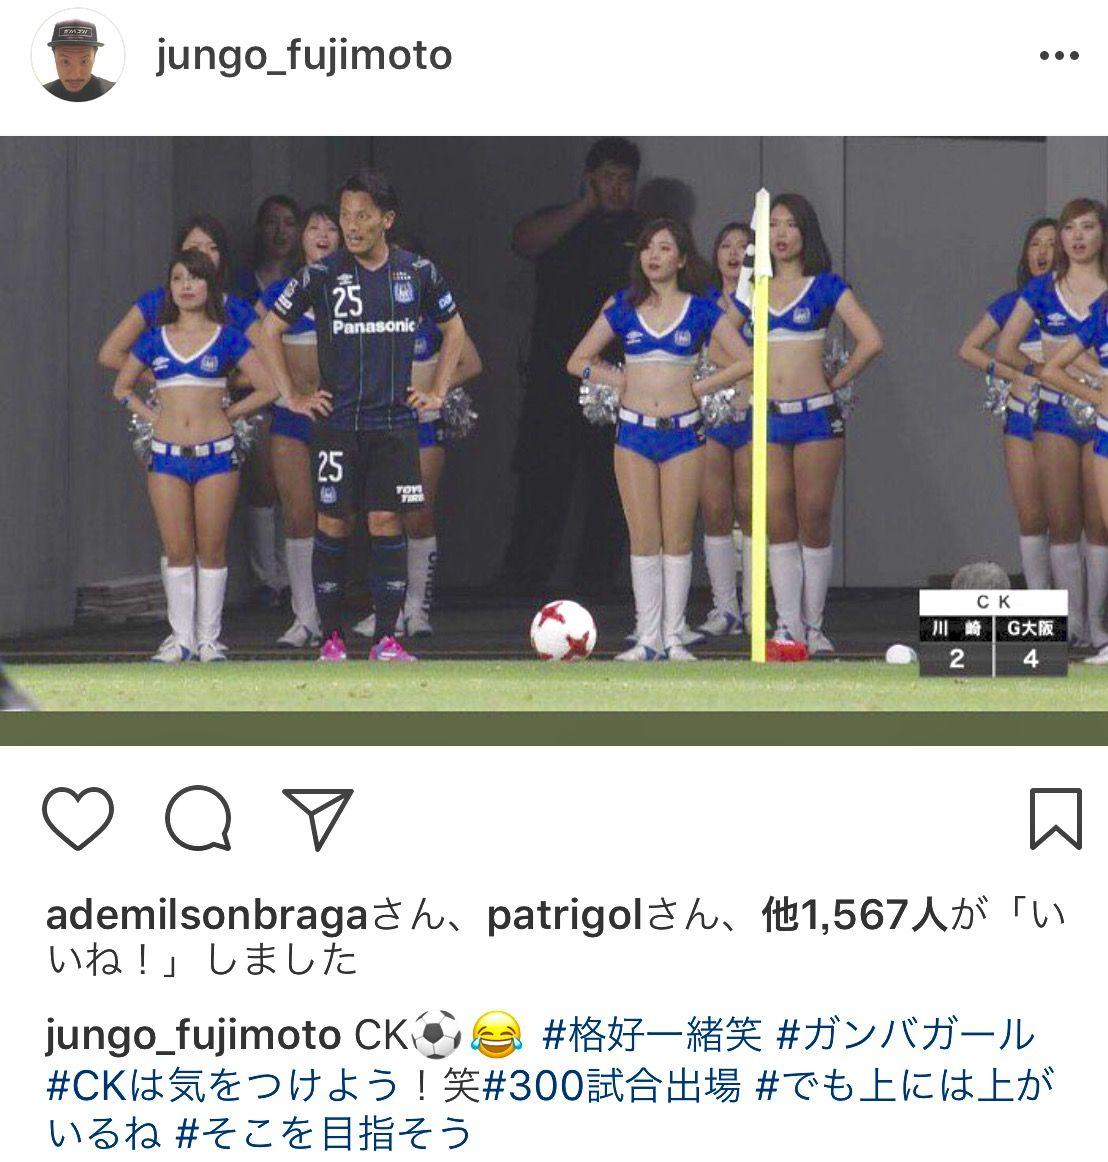 大阪 サッカー 掲示板 国内サッカー - 5ちゃんねる掲示板